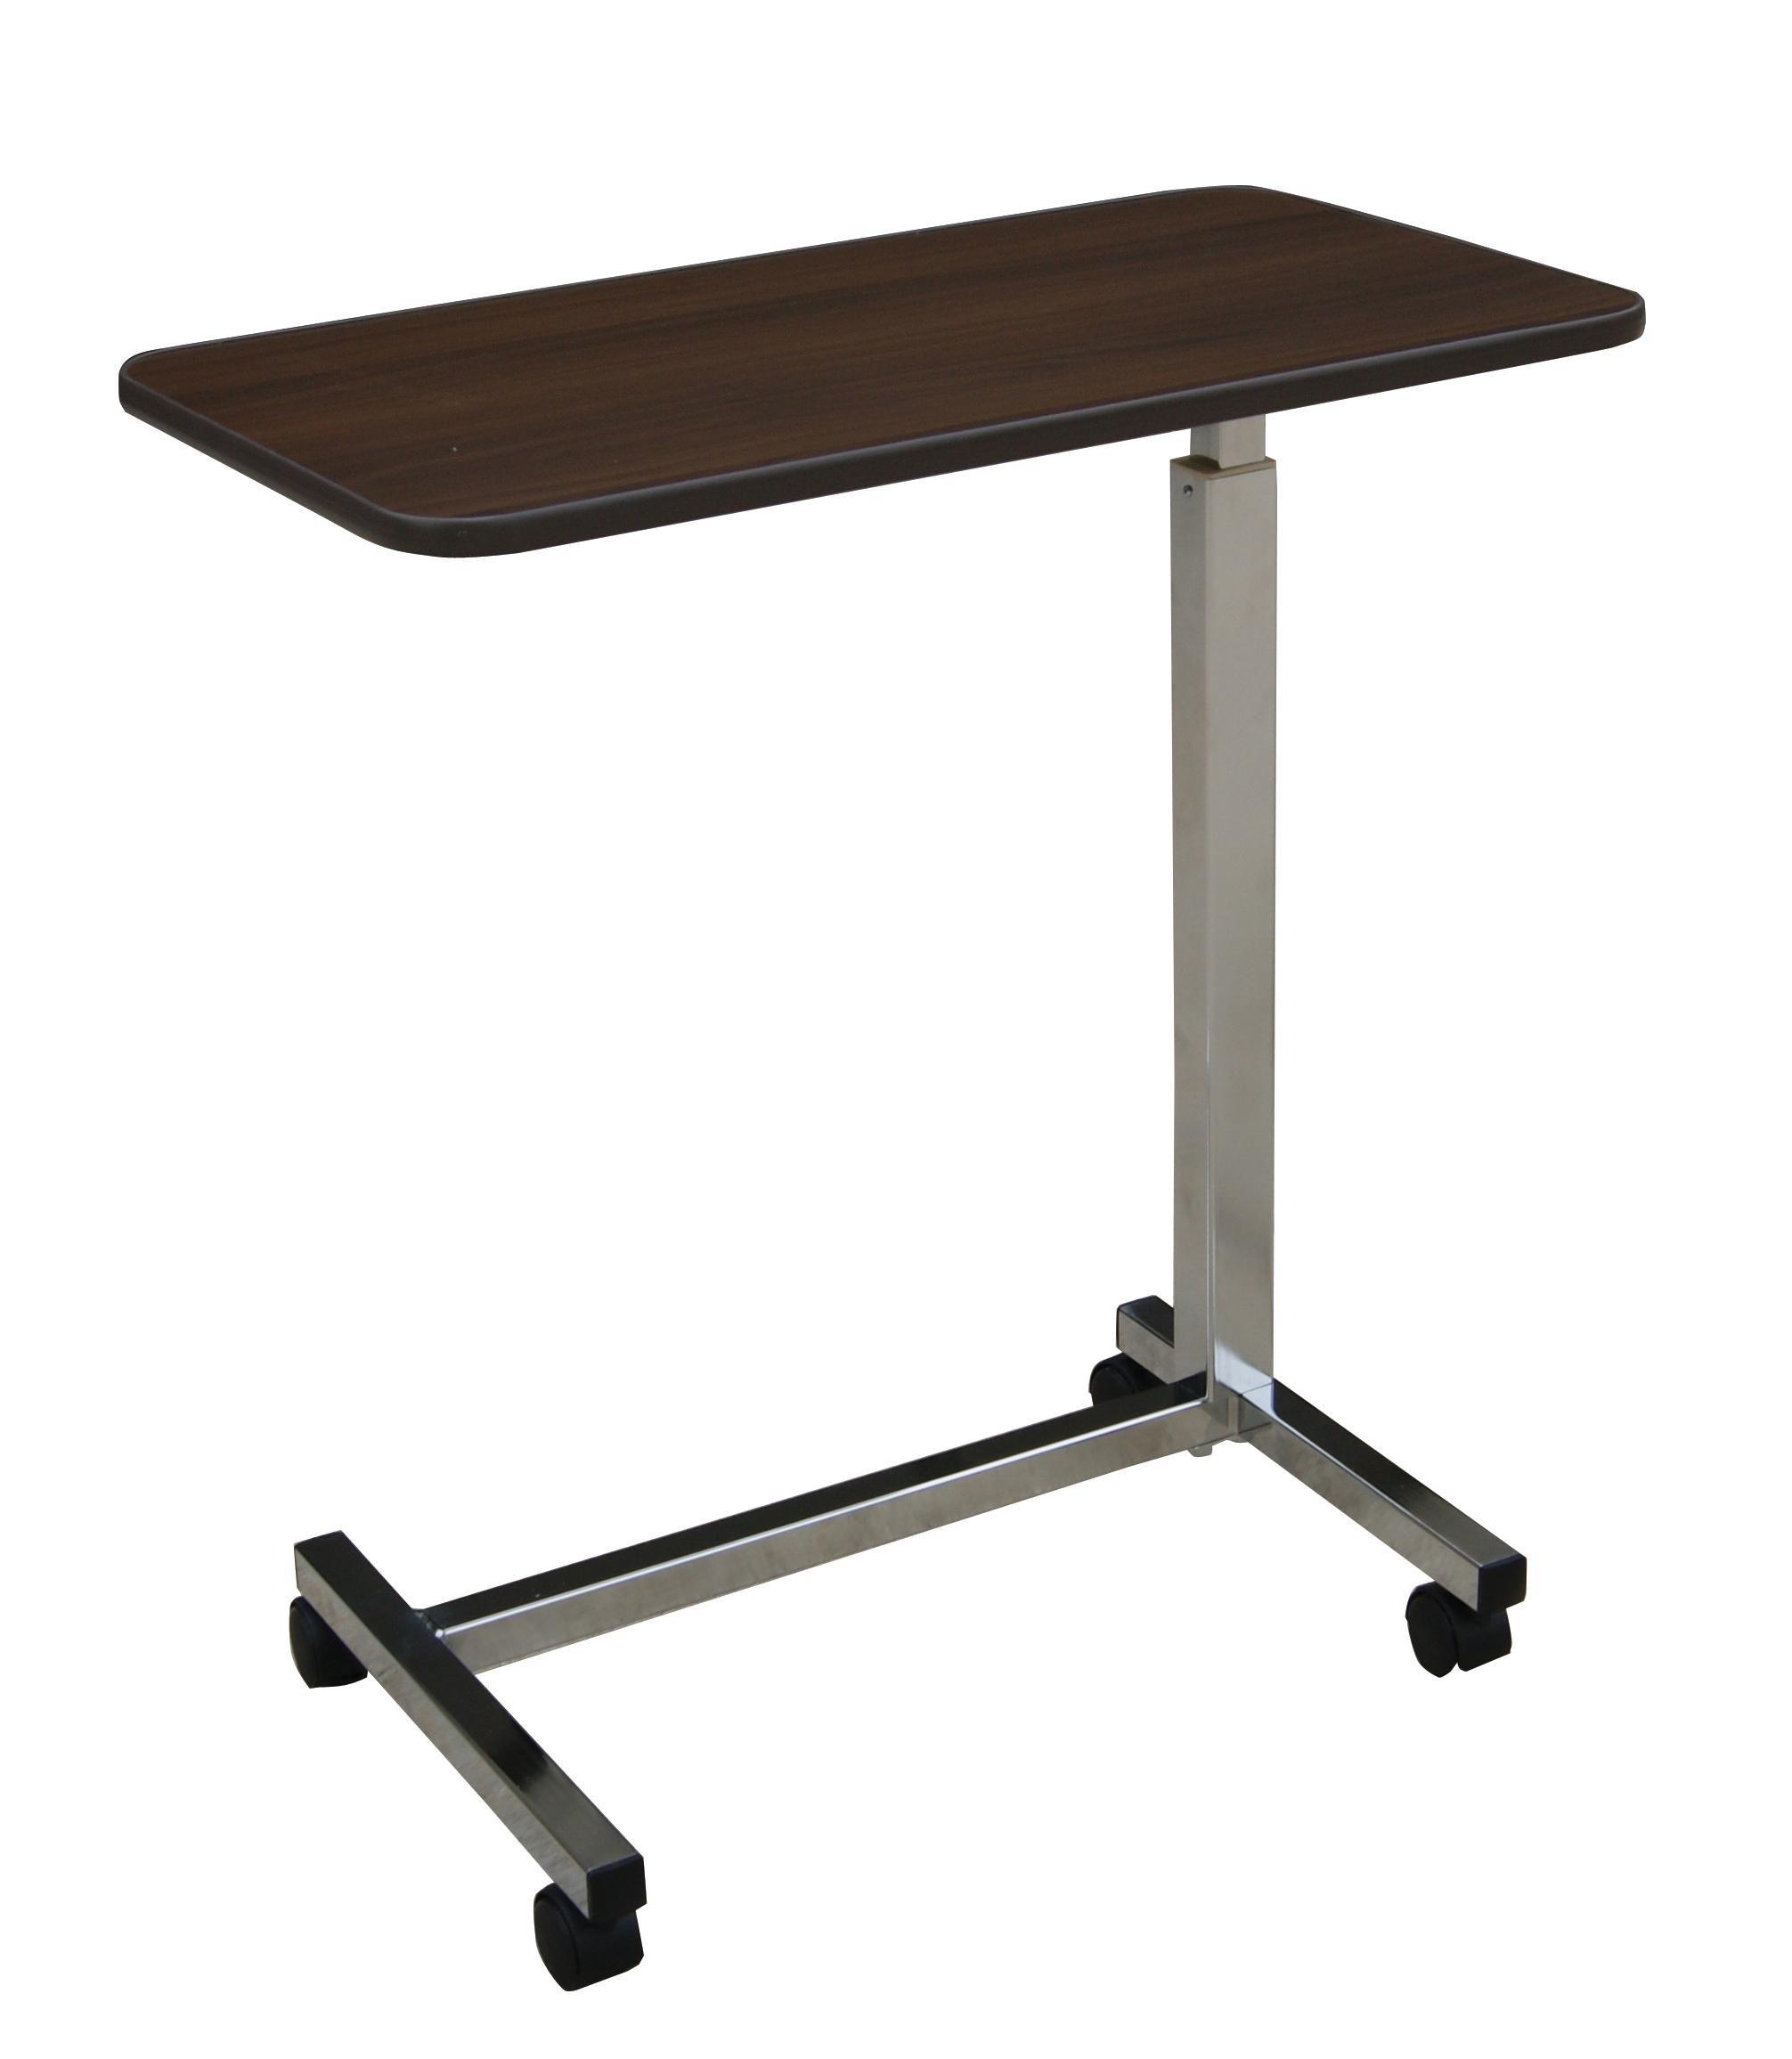 Medline Overbed Bedside Table with Wheels for home, nursing home, assisted living, or hospital use by Medline